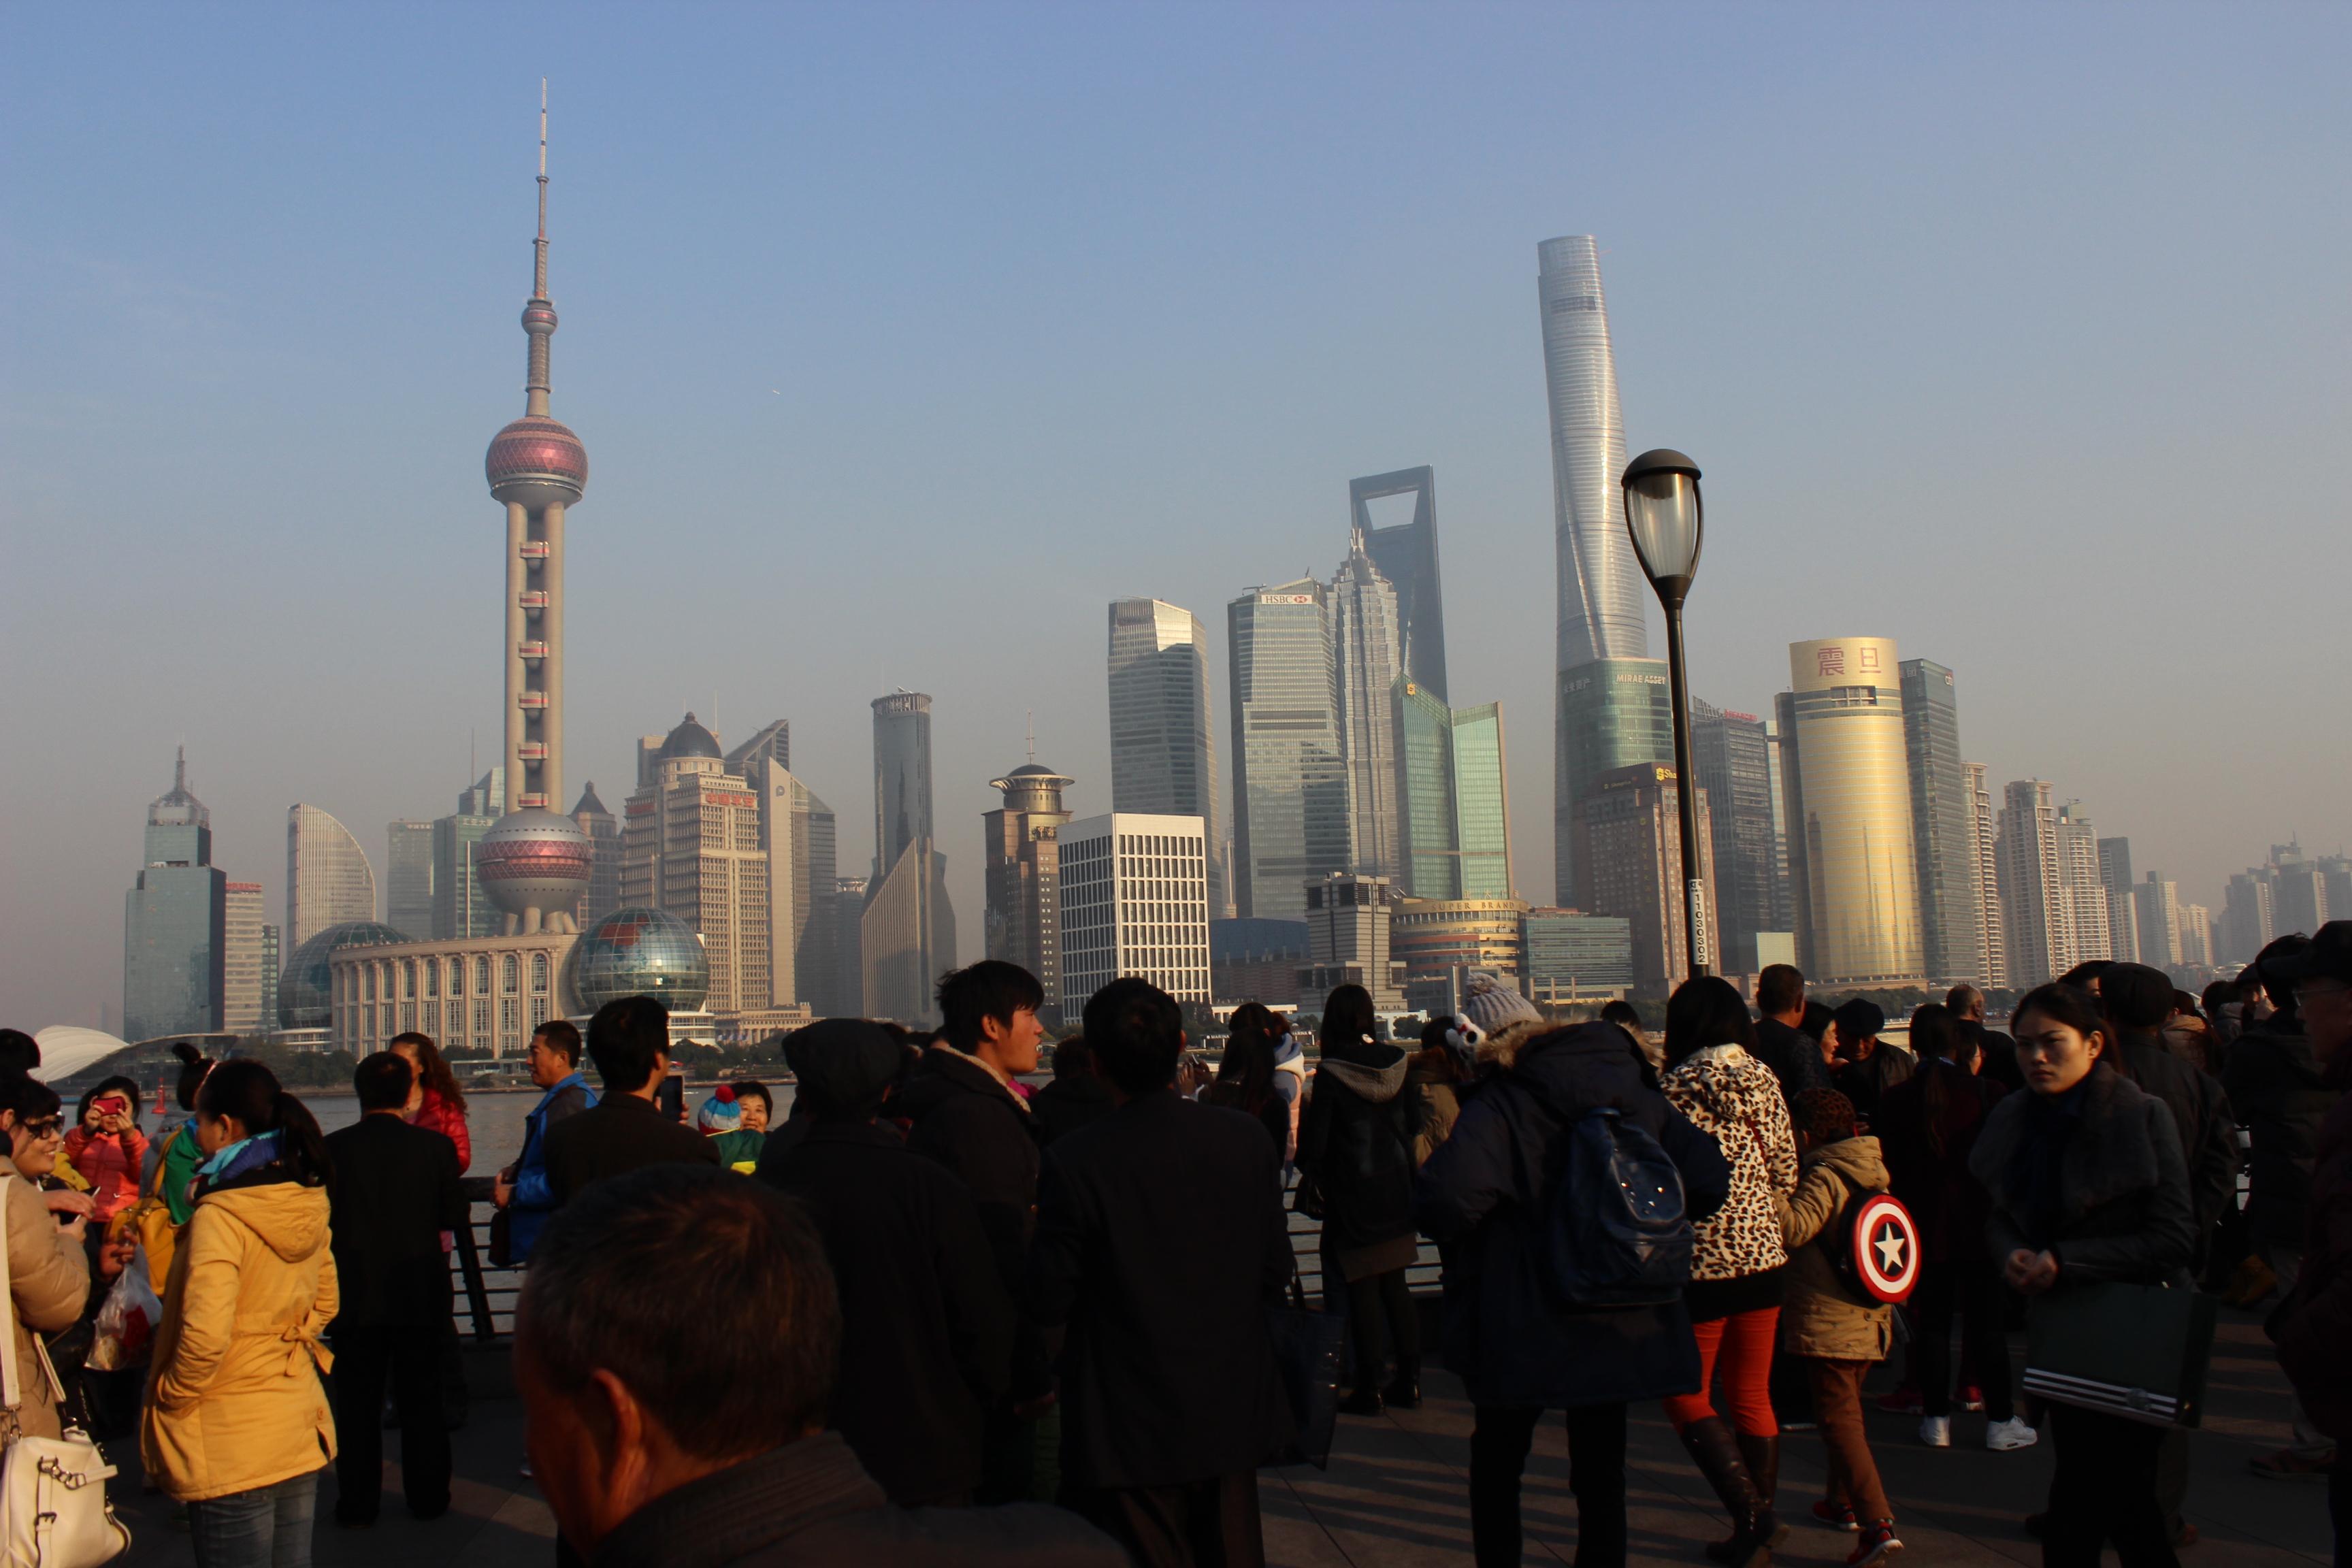 CAPAStudyAbroad_Bejing_Fall2014_from_Jasheah_Howard_-_TheBund_-_Shanghai3JPG.jpg